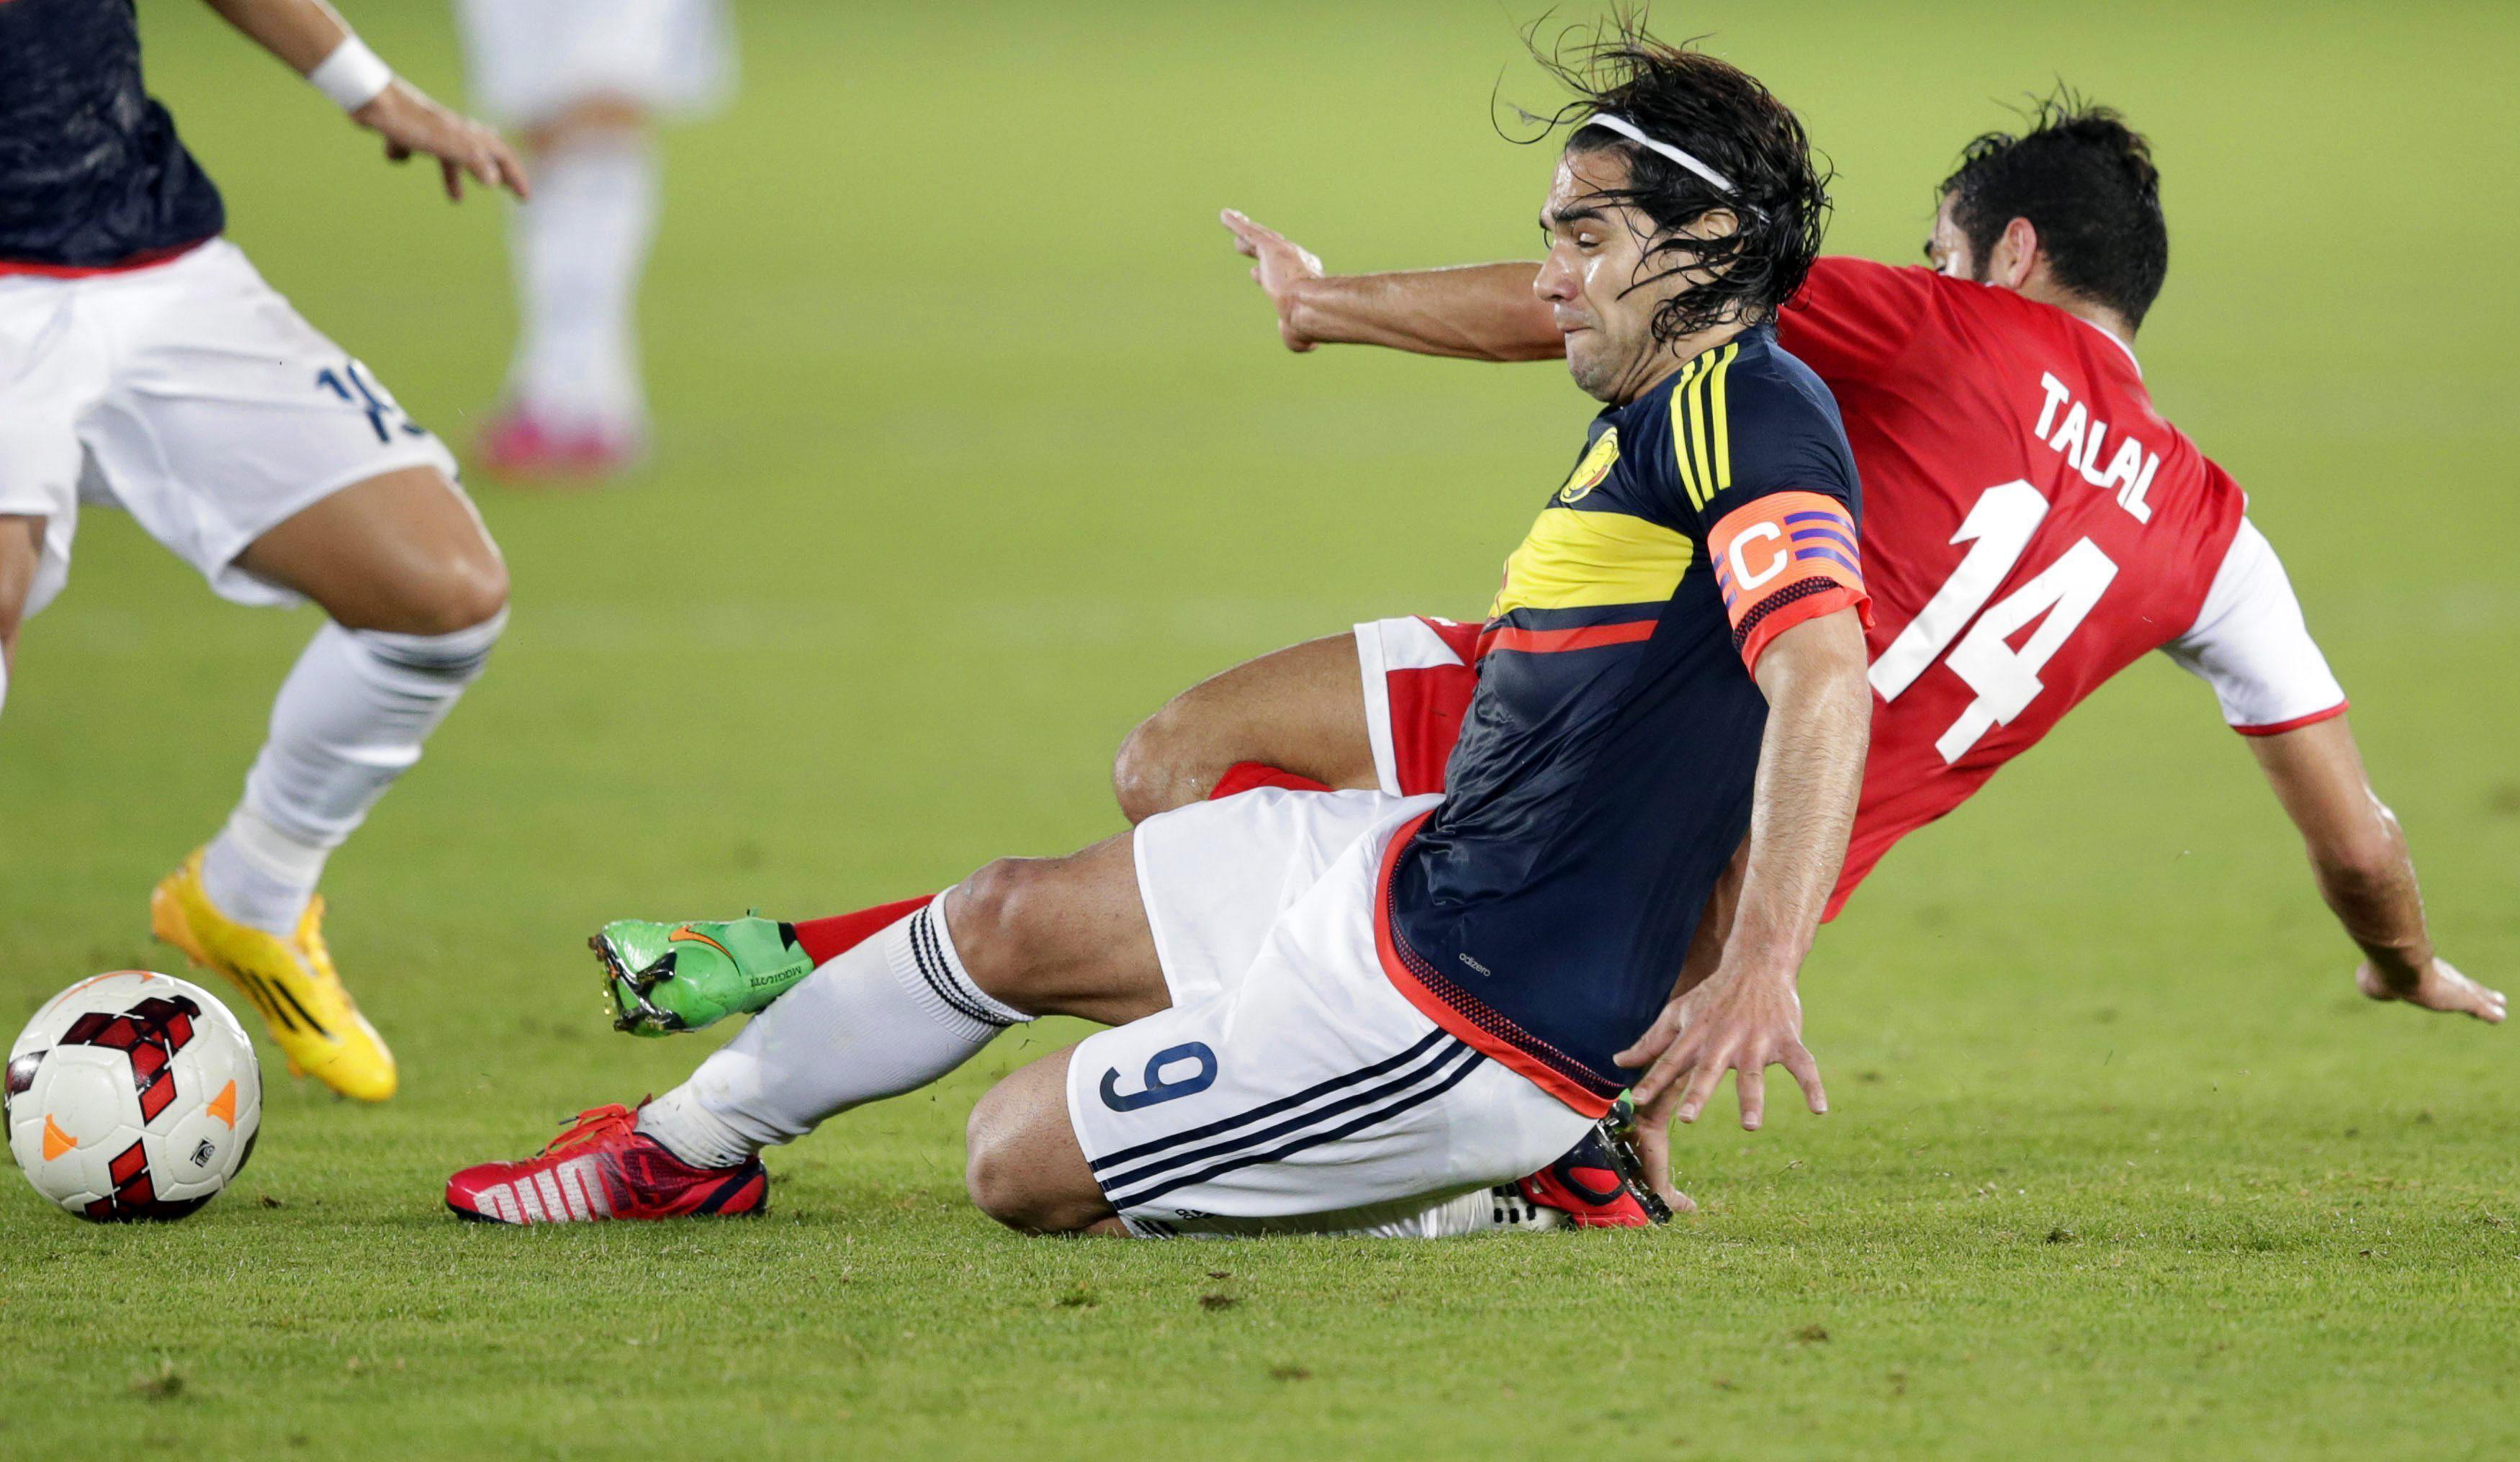 El delantero de la selección colombiana, Radamel Falcao (i) lucha por el balón con Talal Al-Fadhel (d) de Kuwait. Foto: EFE